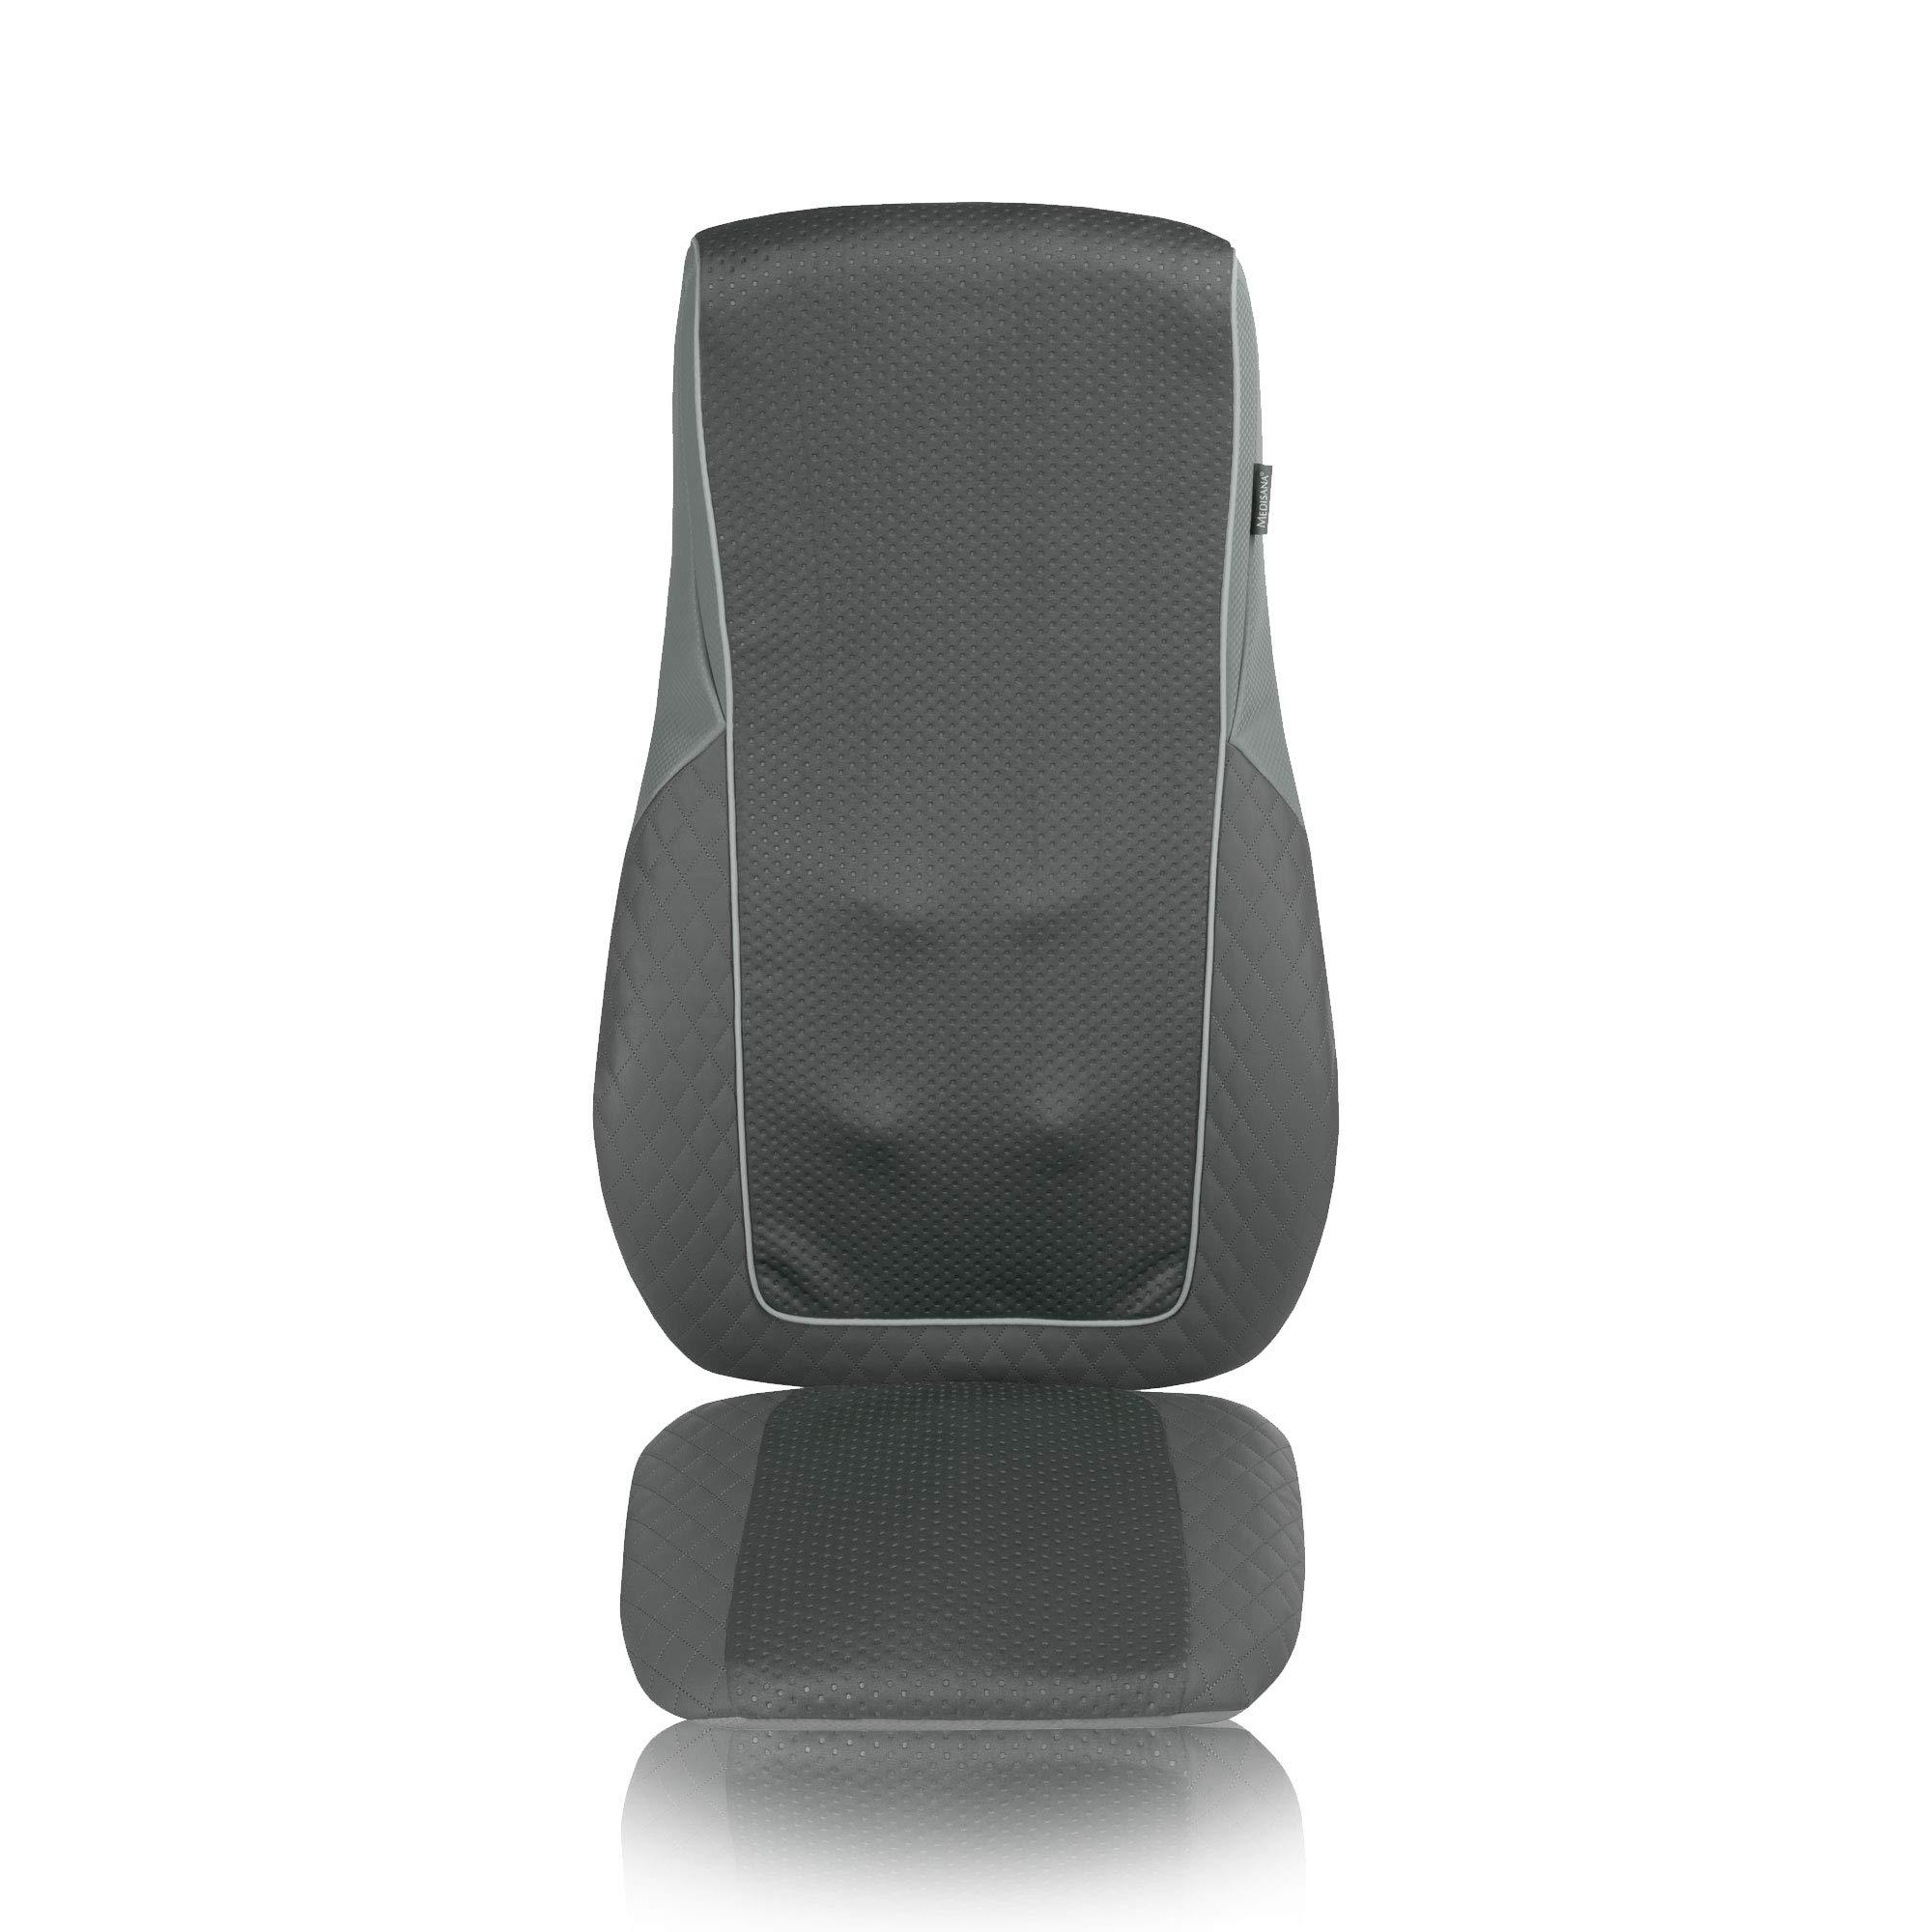 Medisana 88921MC 824rôle de massage Shiatsu pour Siège et le long de la colonne vertébrale de massage Shiatsu avec fonction chaleur product image